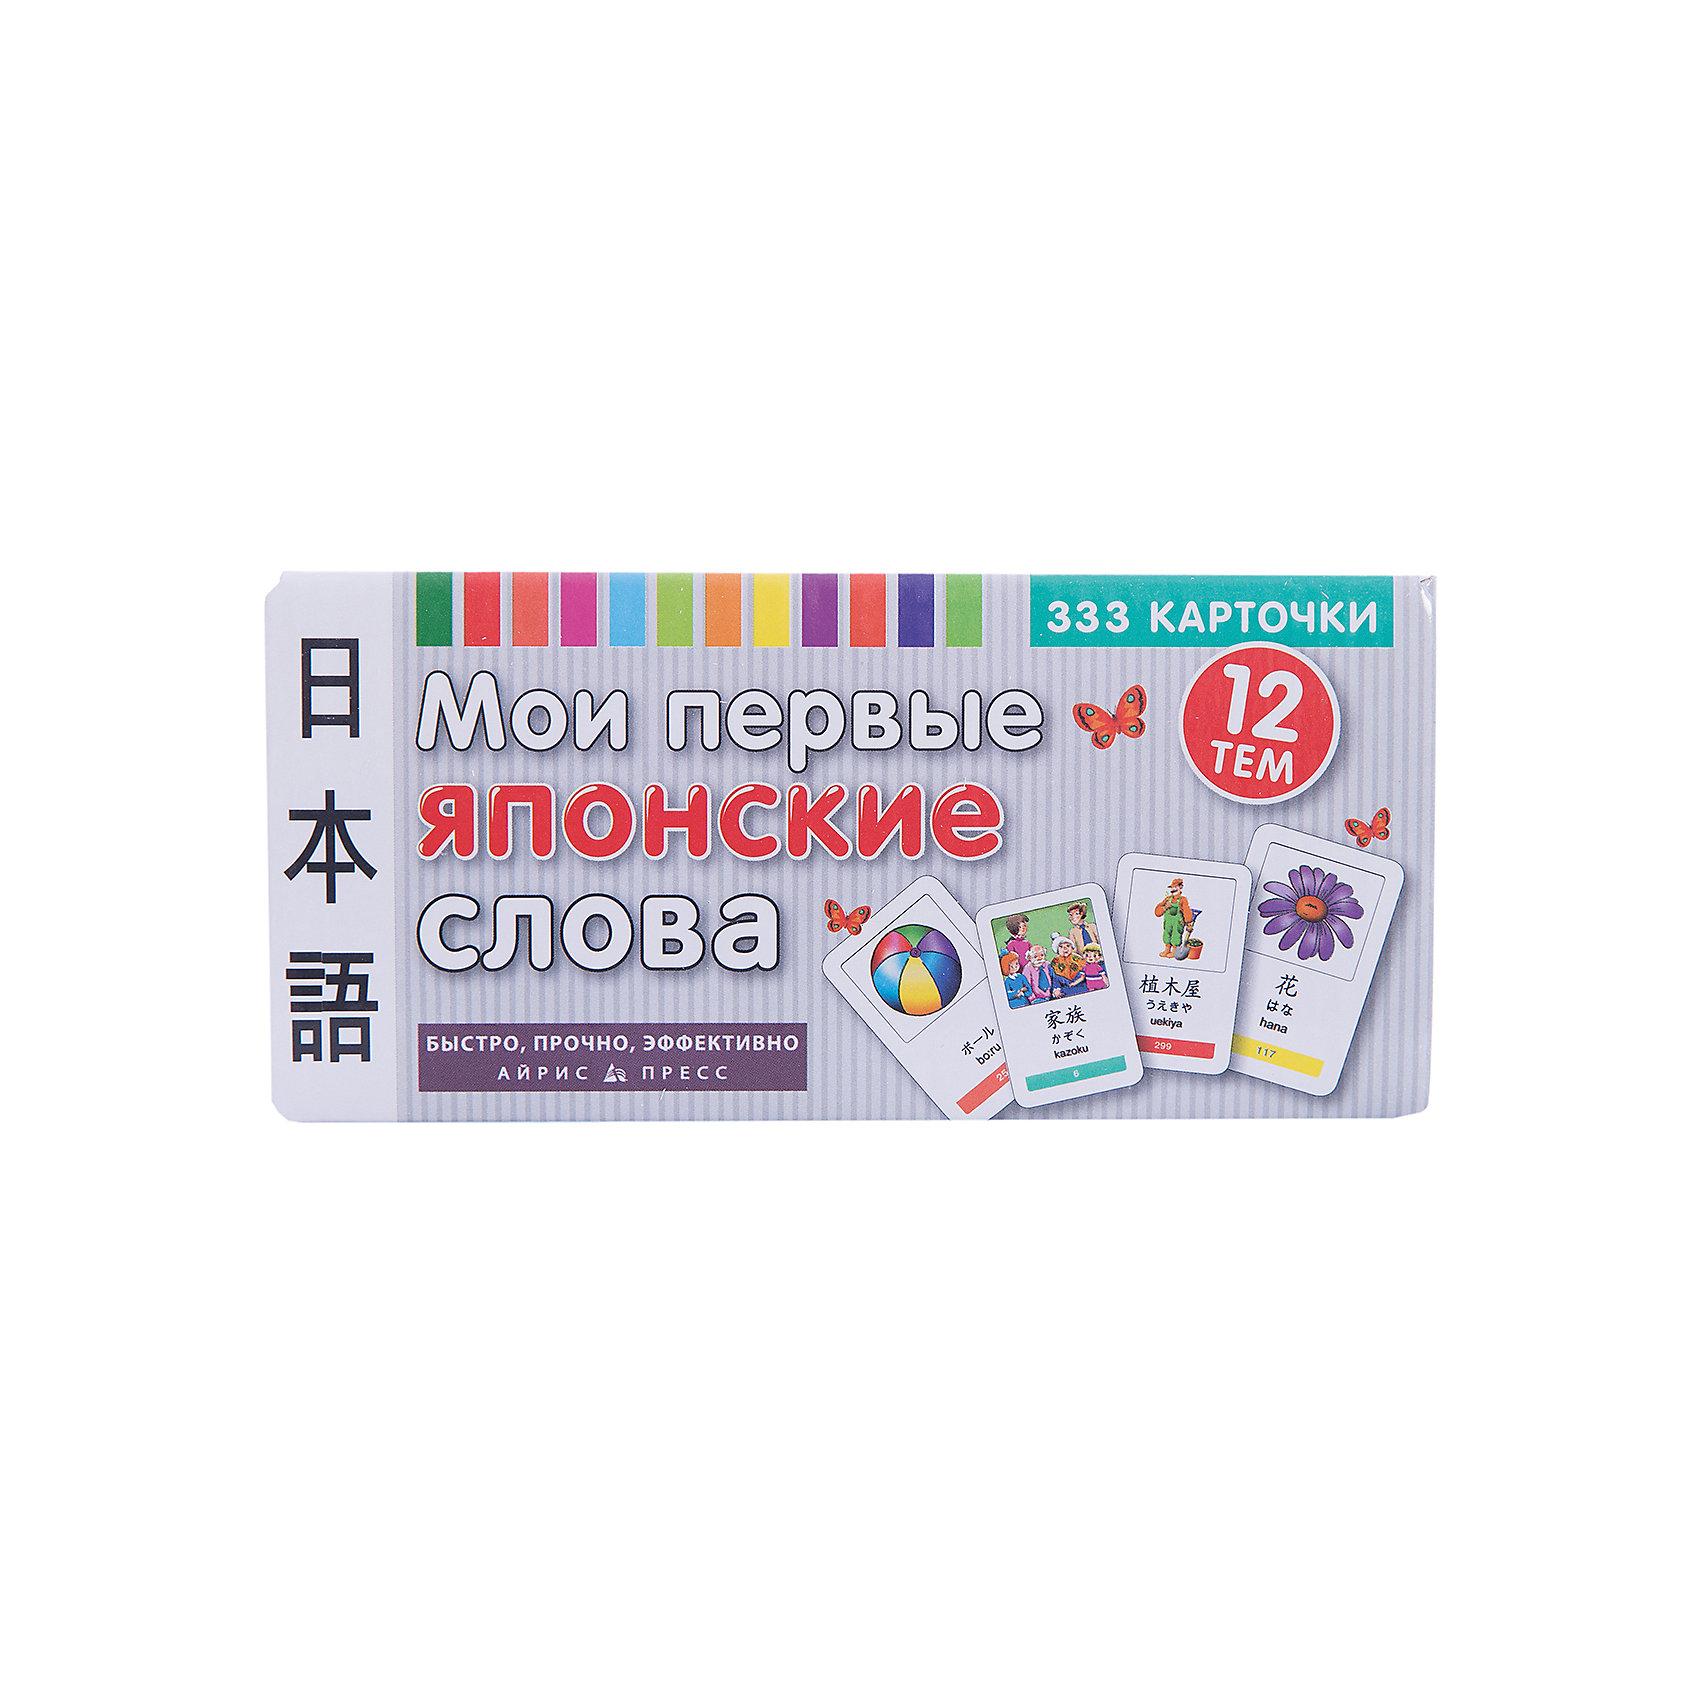 333 карточки для запоминания Мои первые японские словаИностранный язык<br>Комплект карточек предназначен для начинающих изучать японский язык.&#13;<br>На карточках размещены наиболее употребимые японские слова, записанные иероглифами и слоговой азбукой каной, относящиеся к базовой лексике. Все слова разделены на тематические блоки, сопровождаются занимательными иллюстрациями и транскрипцией (ромадзи). Предлагаемая методика запоминания основана на связи японского и русского слова через картинку. Это позволяет выучить быстро и эффективно большое количество новых слов. В пособии предусмотрена возможность самостоятельного создания дополнительных карточек с использованием имеющихся в комплекте заготовок.<br><br>Ширина мм: 48<br>Глубина мм: 157<br>Высота мм: 75<br>Вес г: 236<br>Возраст от месяцев: -2147483648<br>Возраст до месяцев: 2147483647<br>Пол: Унисекс<br>Возраст: Детский<br>SKU: 6849641